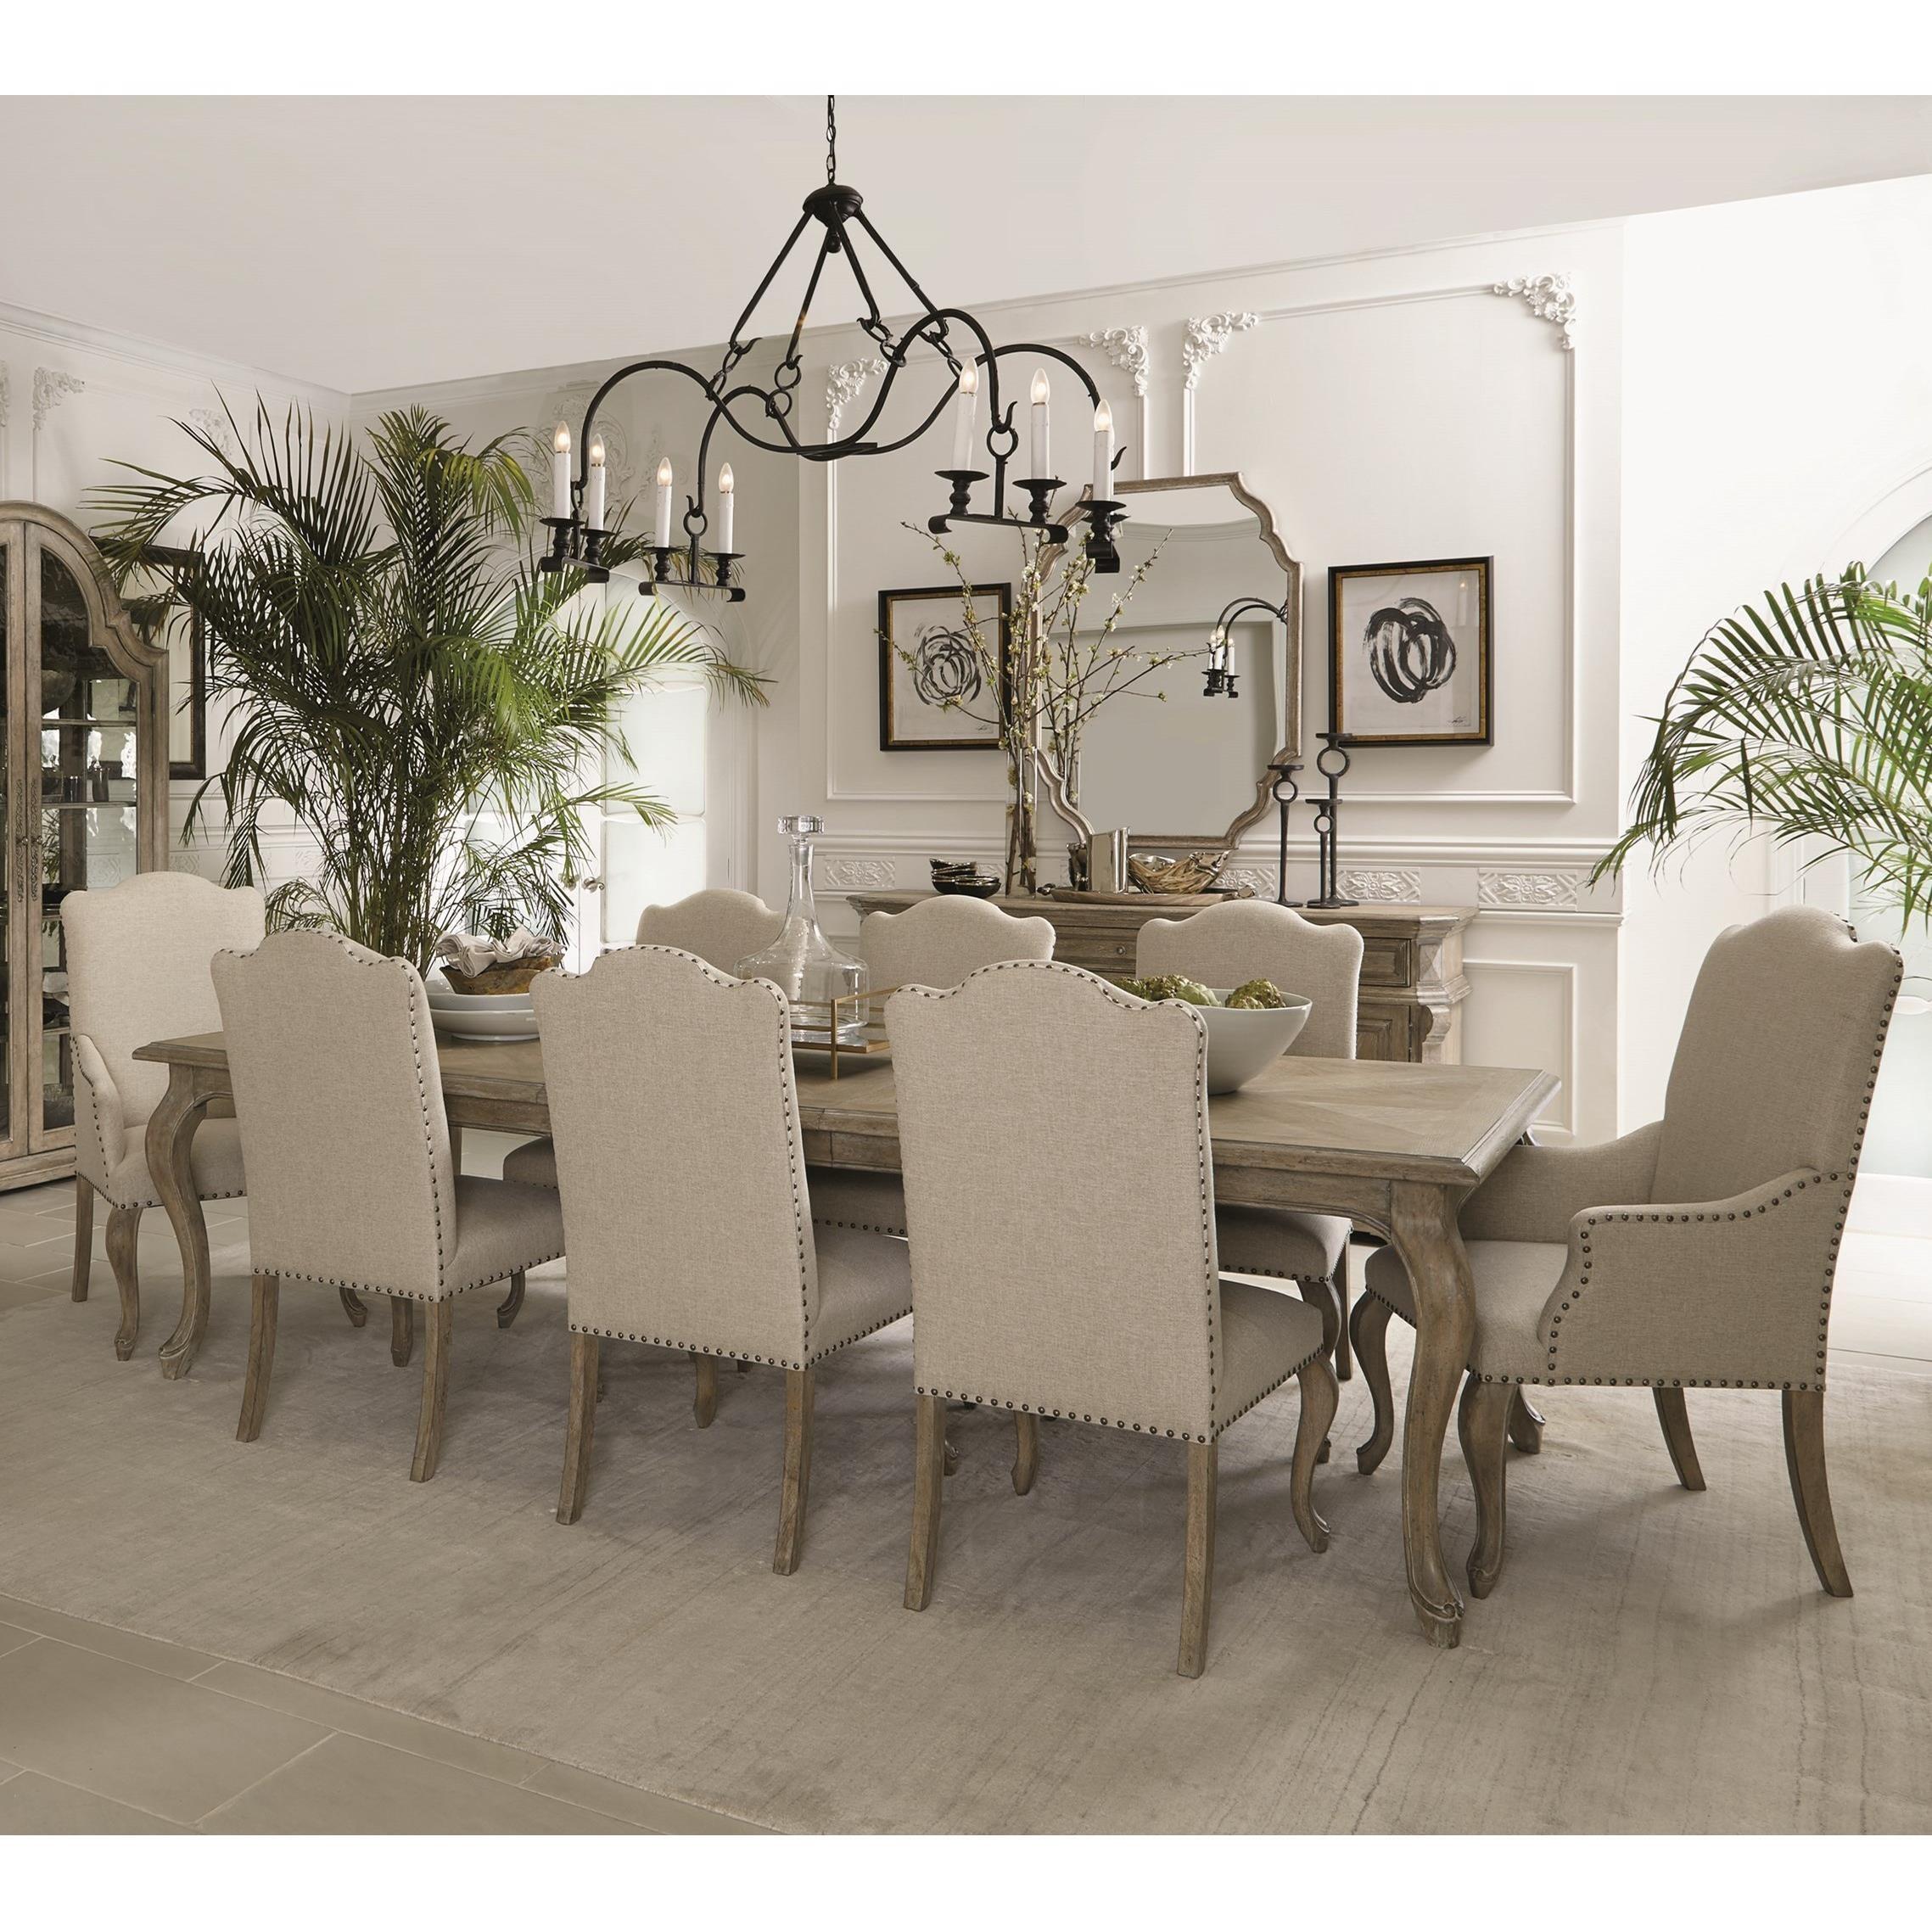 Delicieux Bernhardt Campania 9 Piece Dining Set